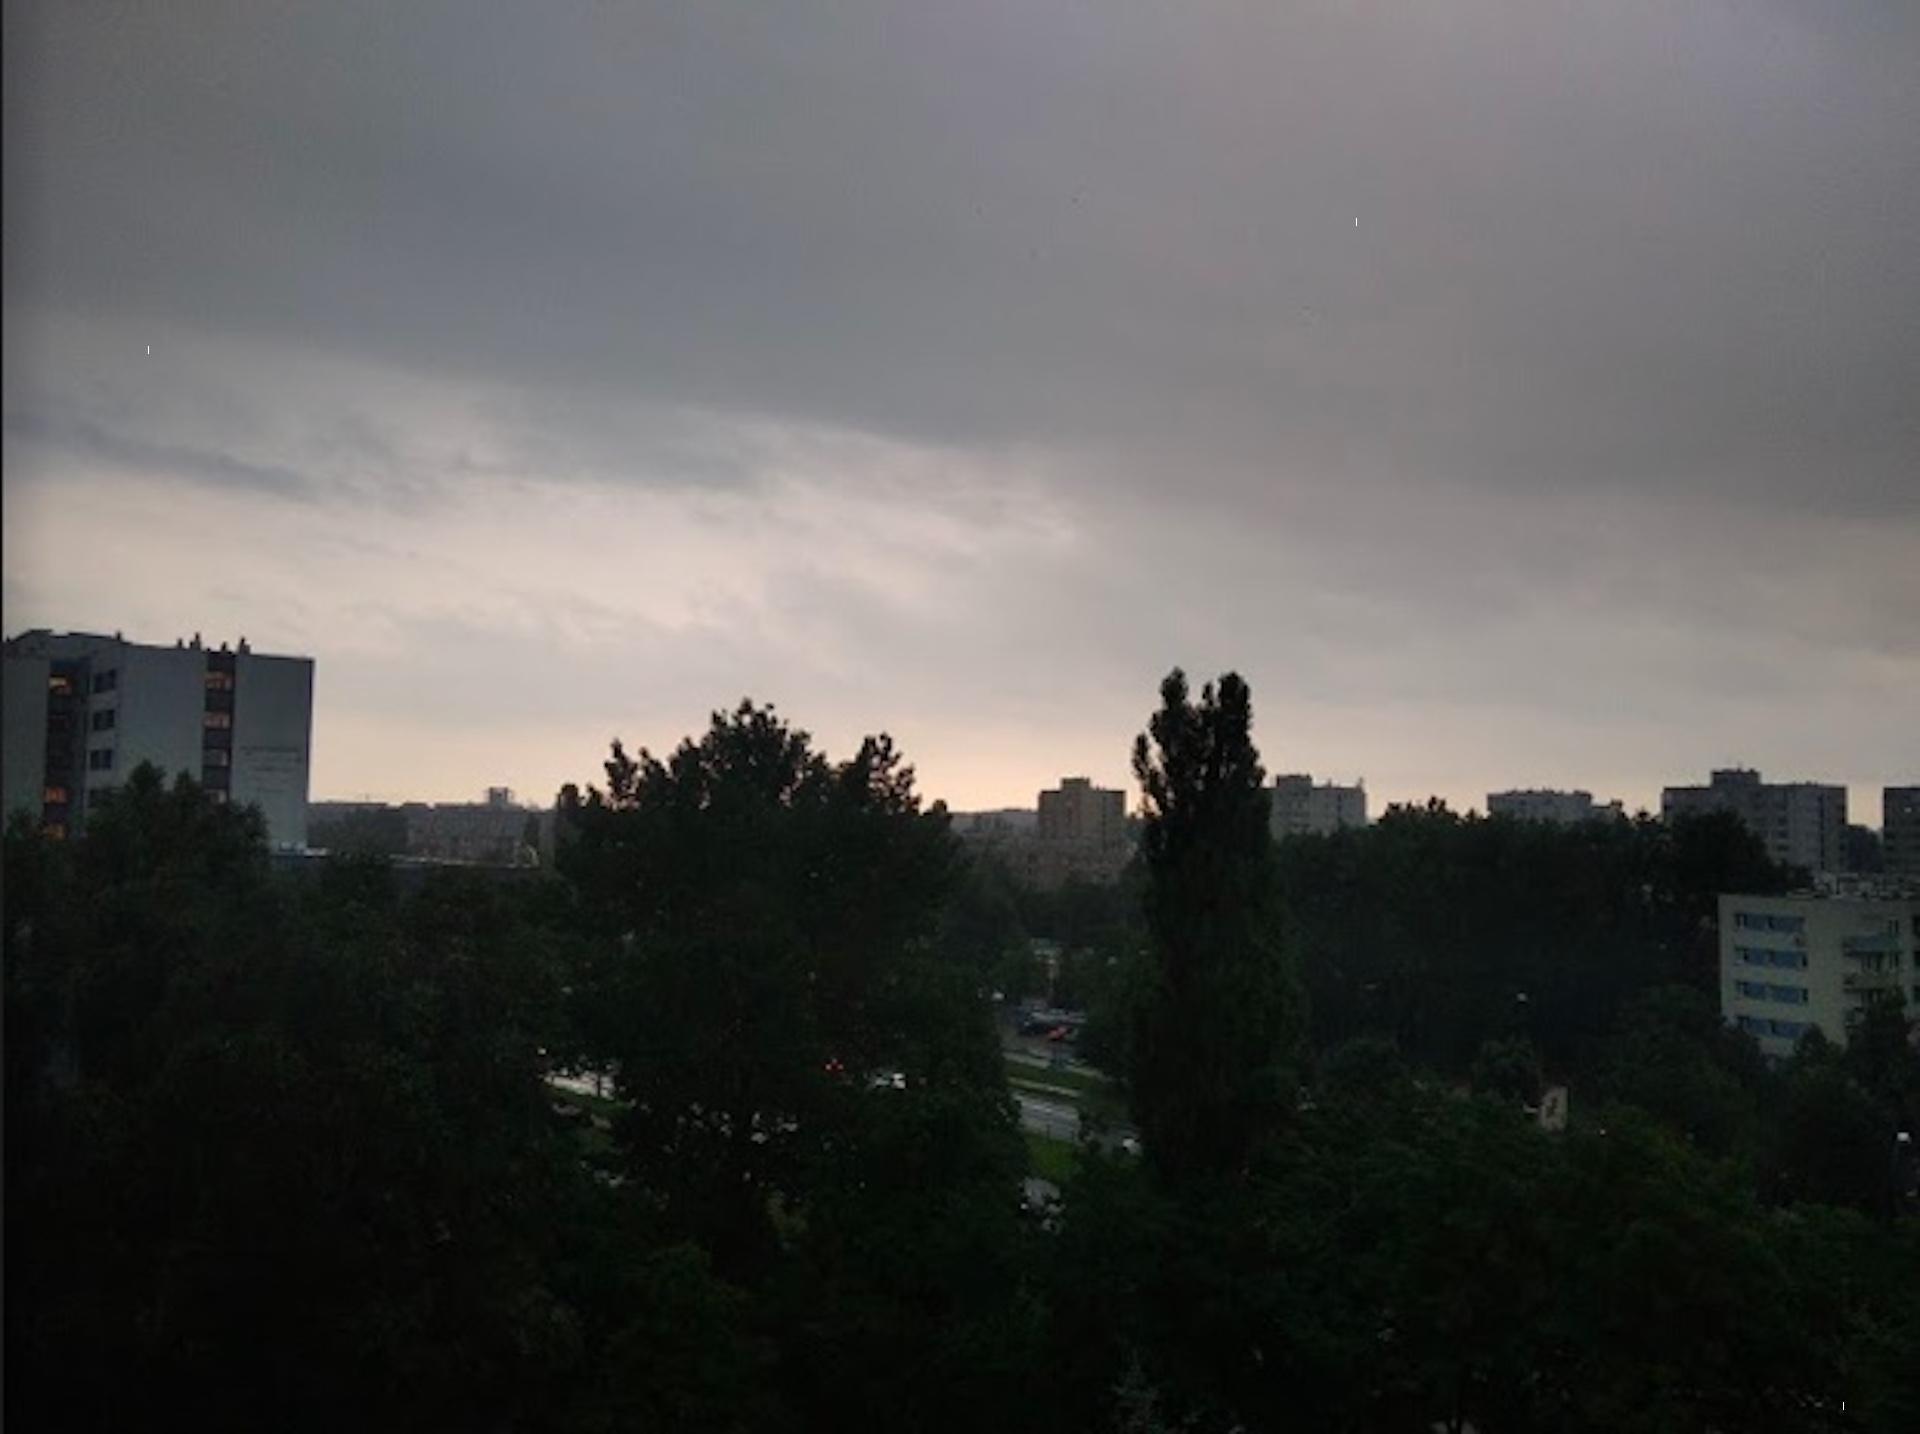 Nad Warszawę dotarł front burzowy, robi się niebezpiecznie